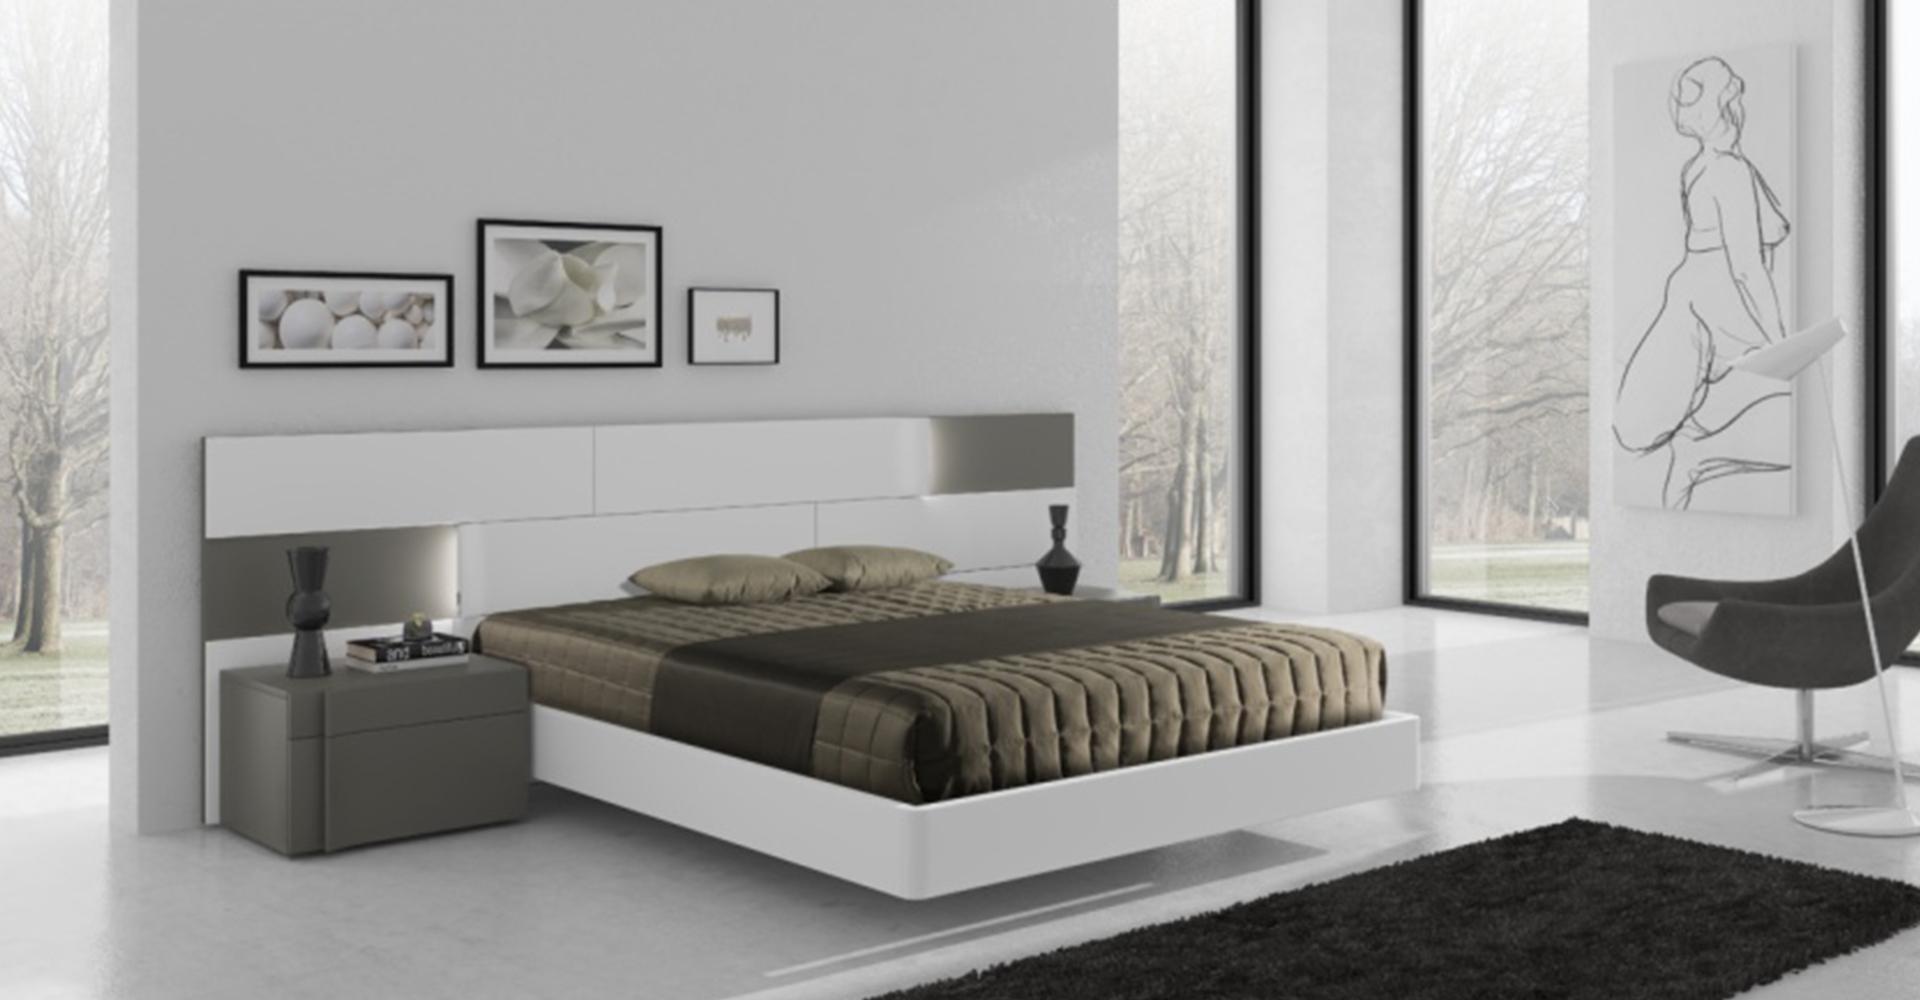 Dormitorio de Matrimonio Moderno (15)